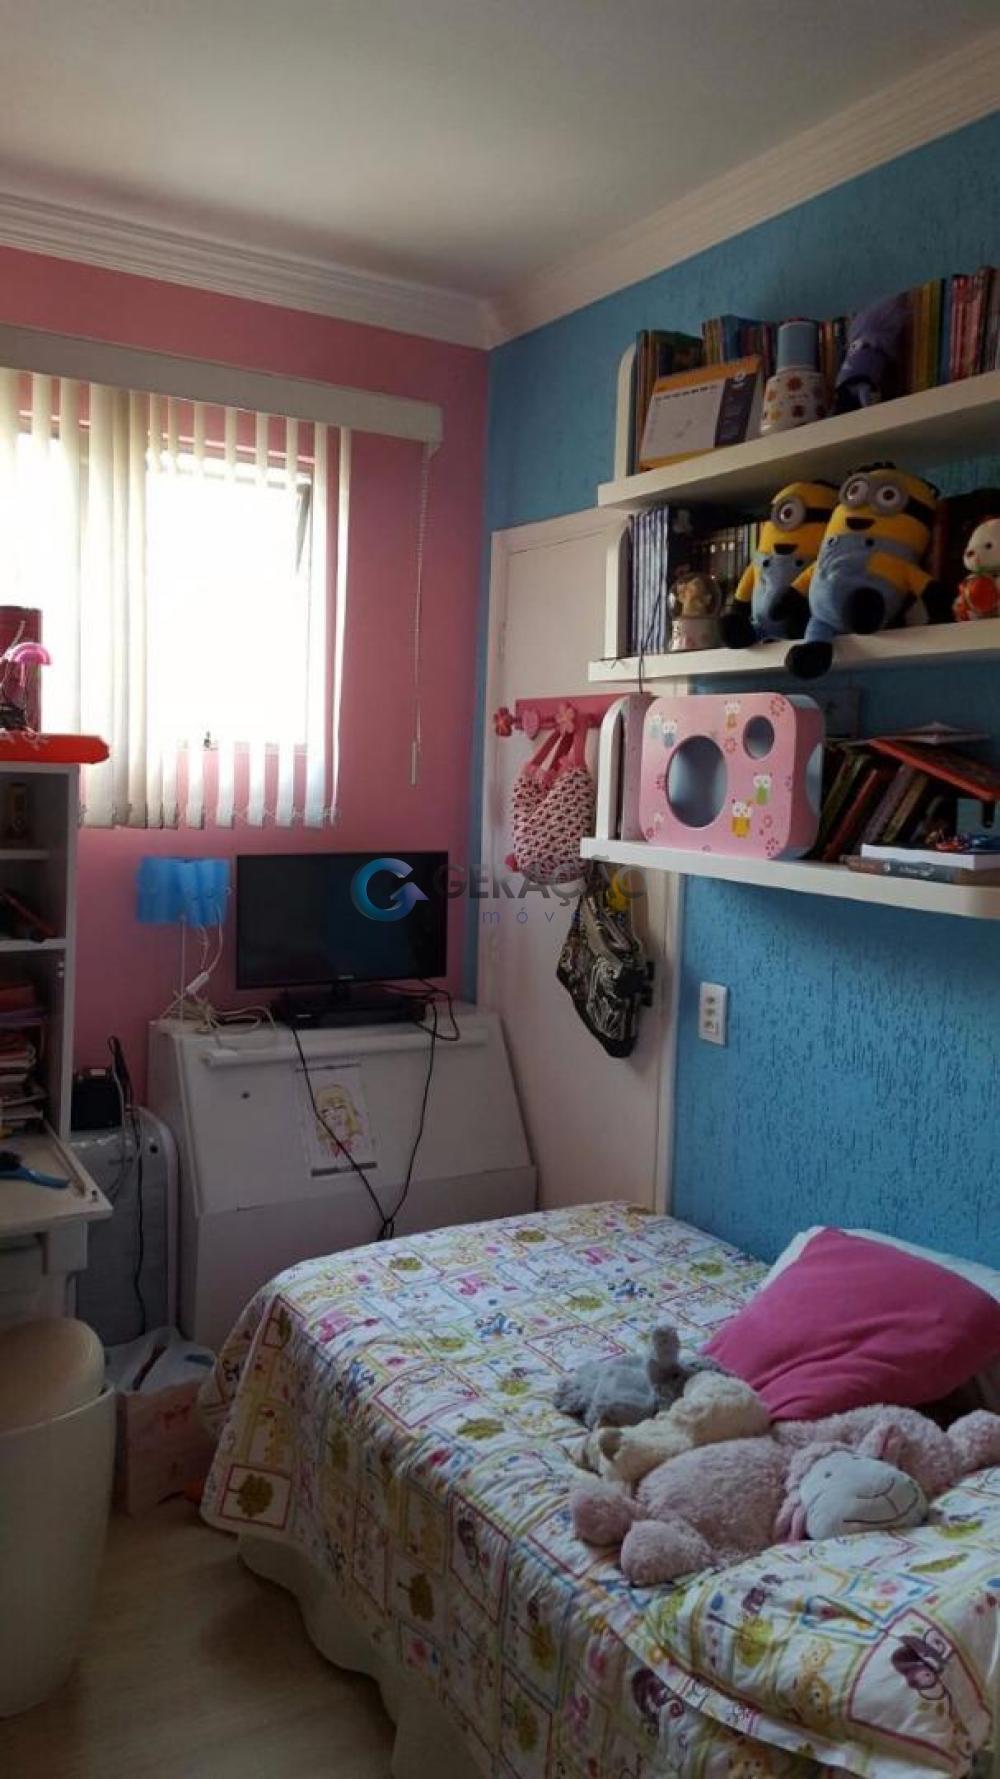 Comprar Apartamento / Padrão em São José dos Campos apenas R$ 380.000,00 - Foto 9